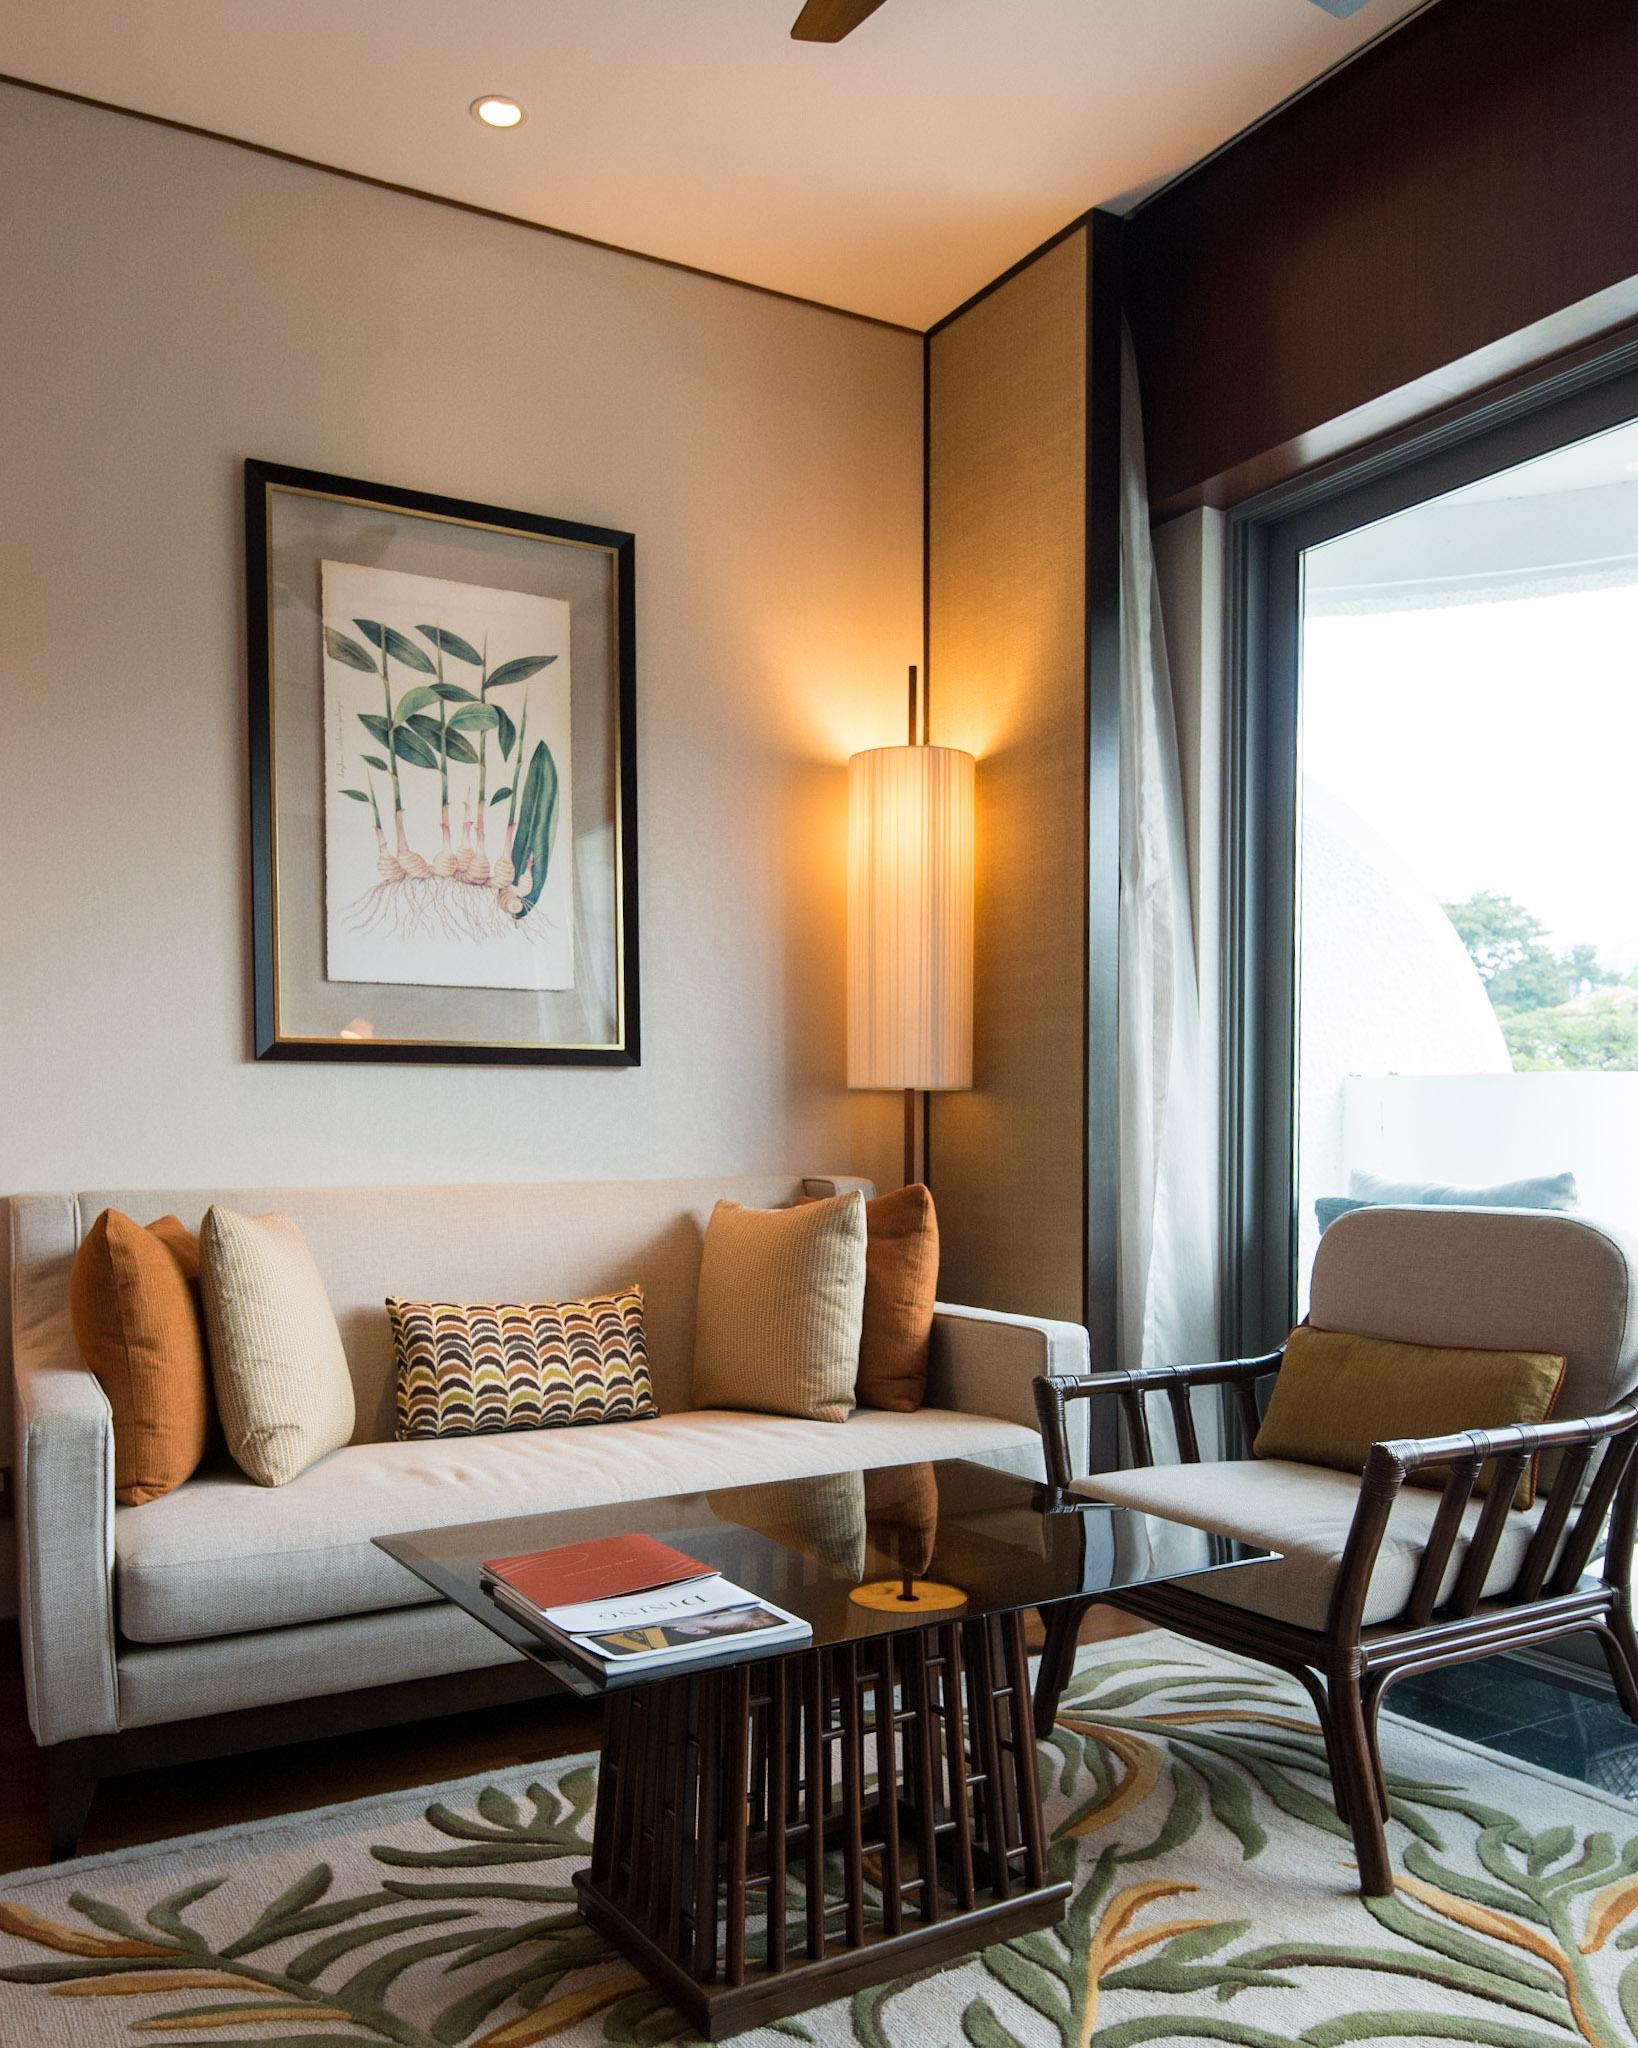 Bedroom - Lounge Area   Garden Wing Deluxe Room - Shangri-La Hotel, Singapore